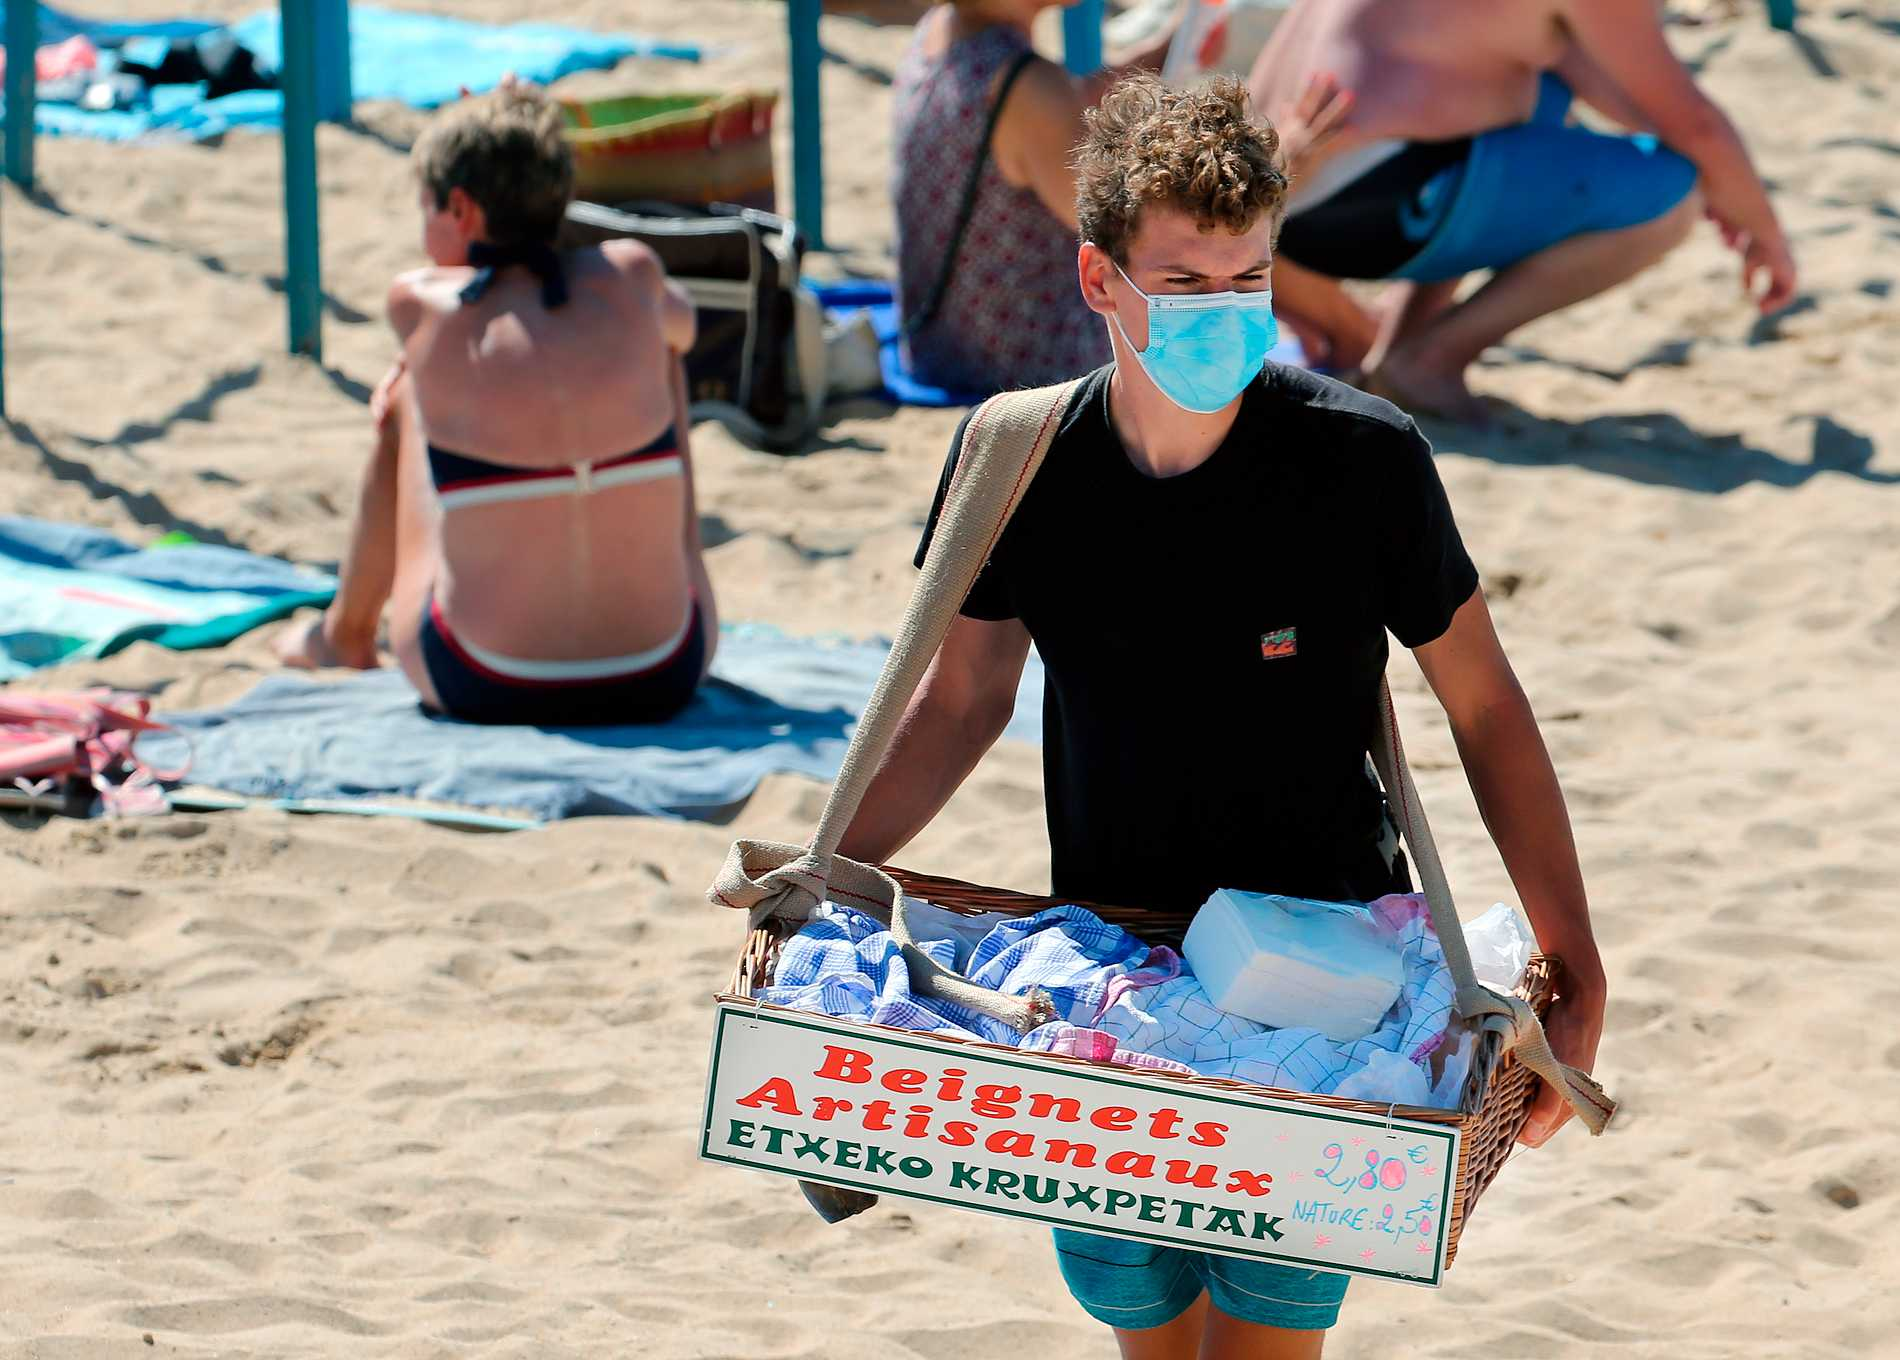 Nu slipper snart fransmännen bära munskydd utomhus – vilket säkert glädjer den här försäljaren av munkar på en strand i Saint-Jean-de-Luz. Arkivbild.